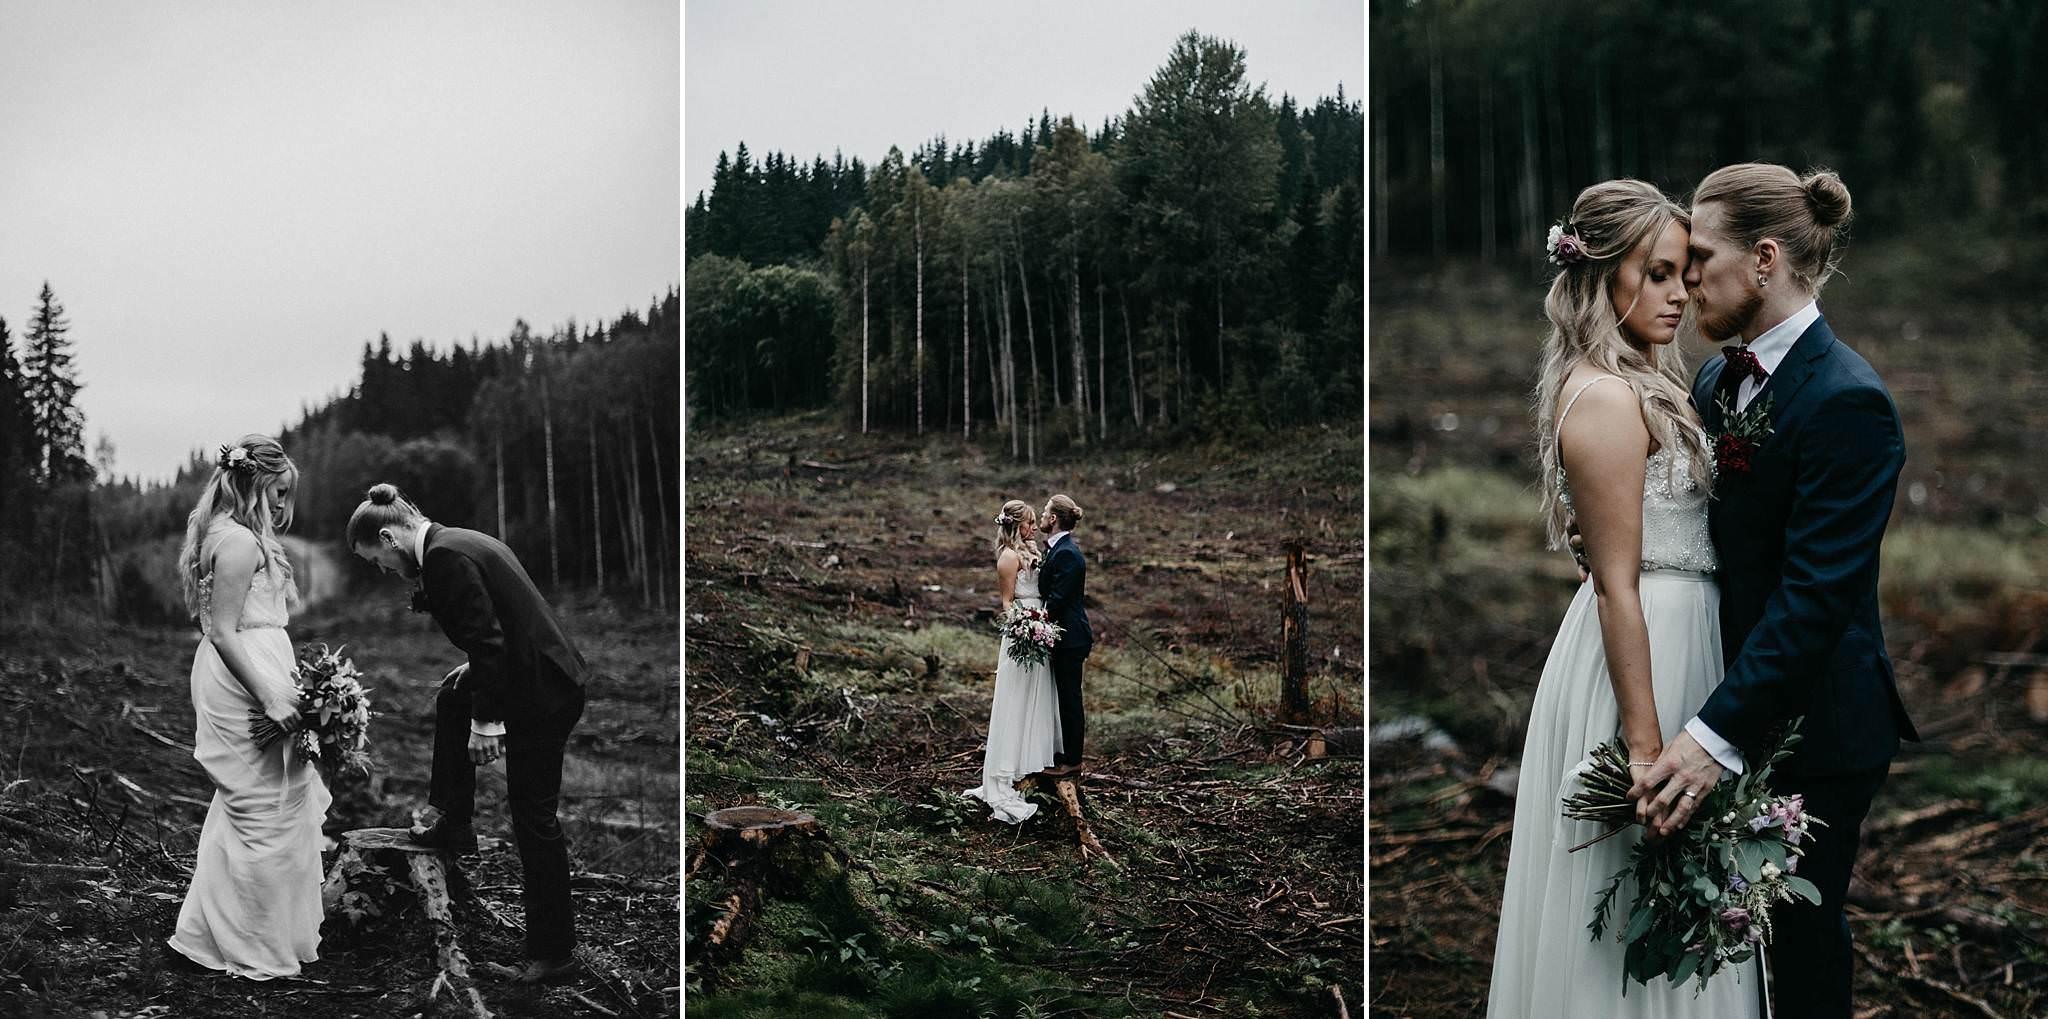 Haakuvaus_wedding_jyvaskyla_muurame_tuomiston_tila_0178.jpg